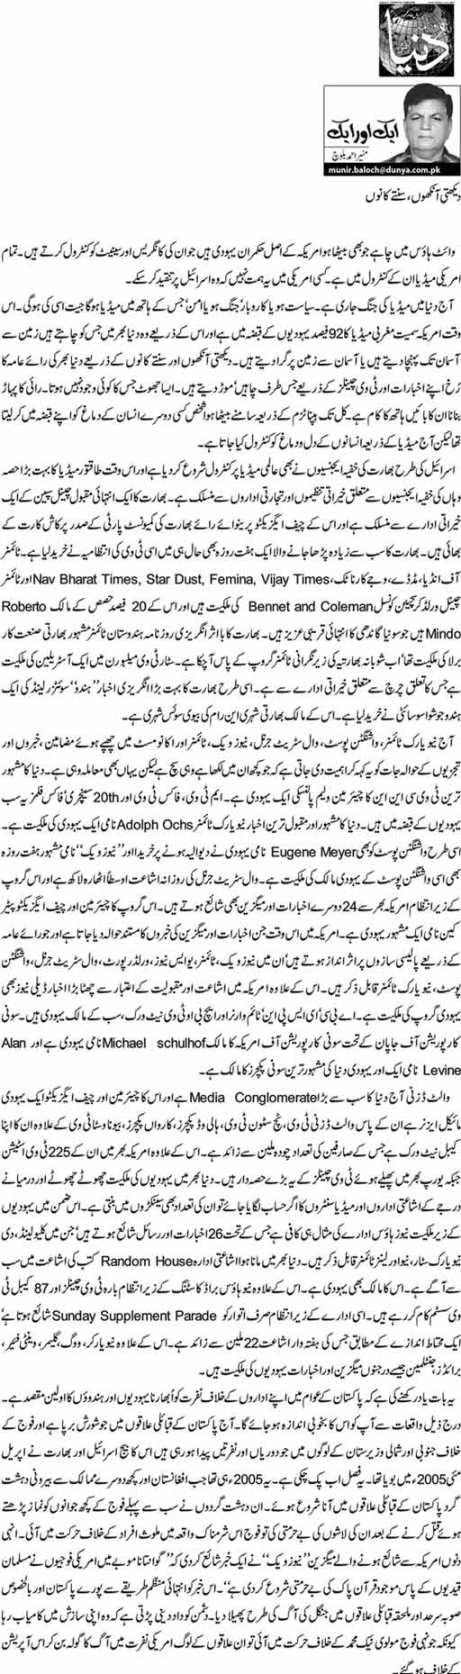 Dekhti Ankhon, Sunty Kanun - Munir Ahmed Baloch